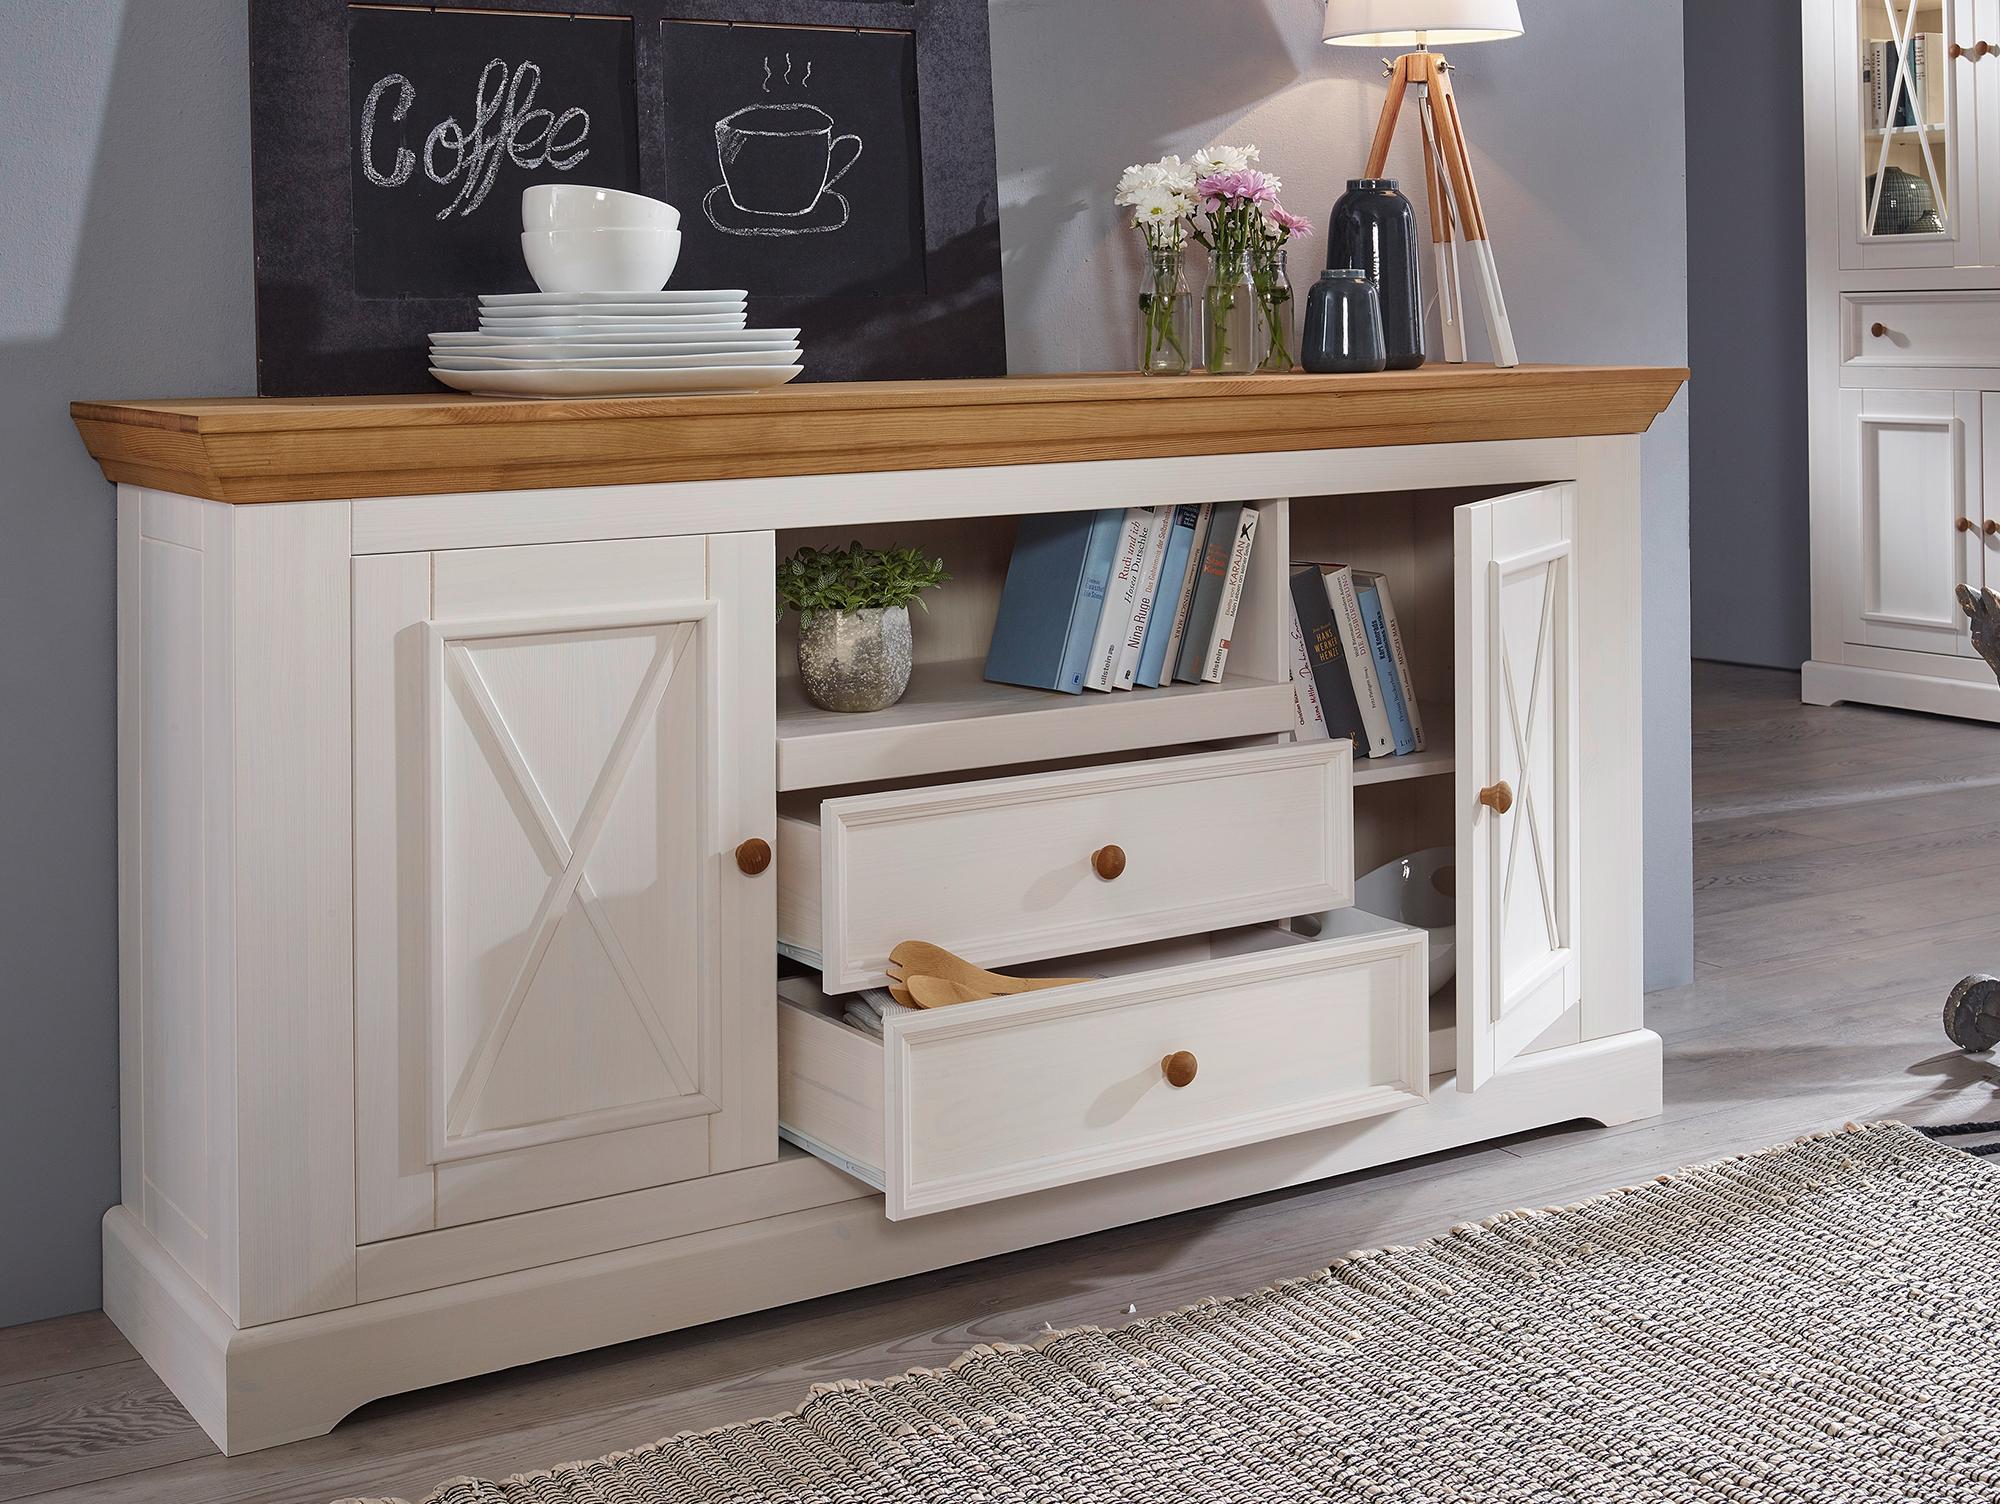 bornholm sideboard ii material massivholz kiefer weiss eichefarbig. Black Bedroom Furniture Sets. Home Design Ideas